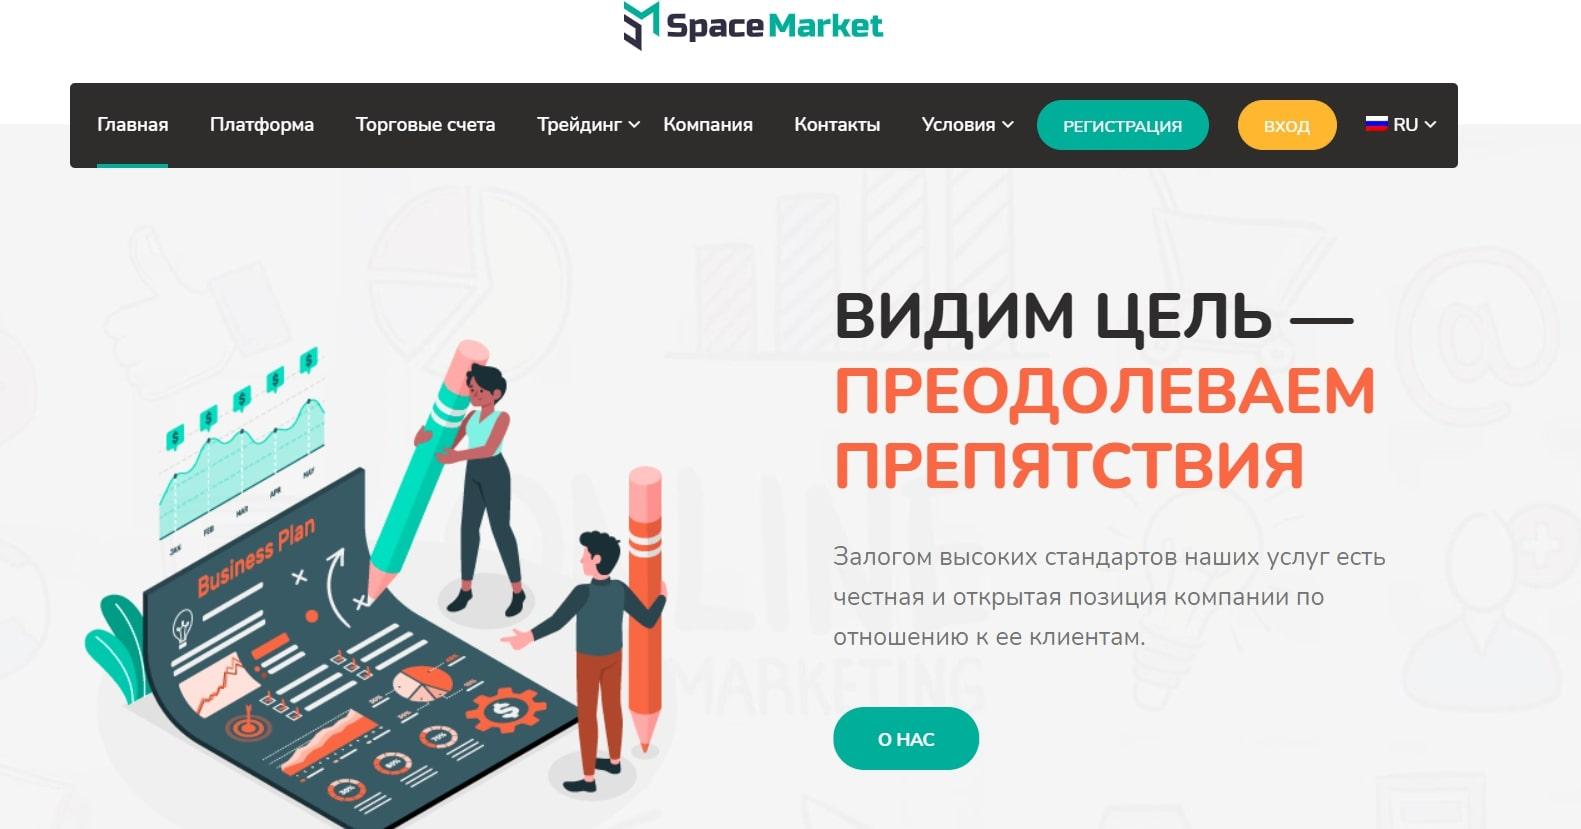 Отзывы о SpaceMarket: что нужно знать? реальные отзывы